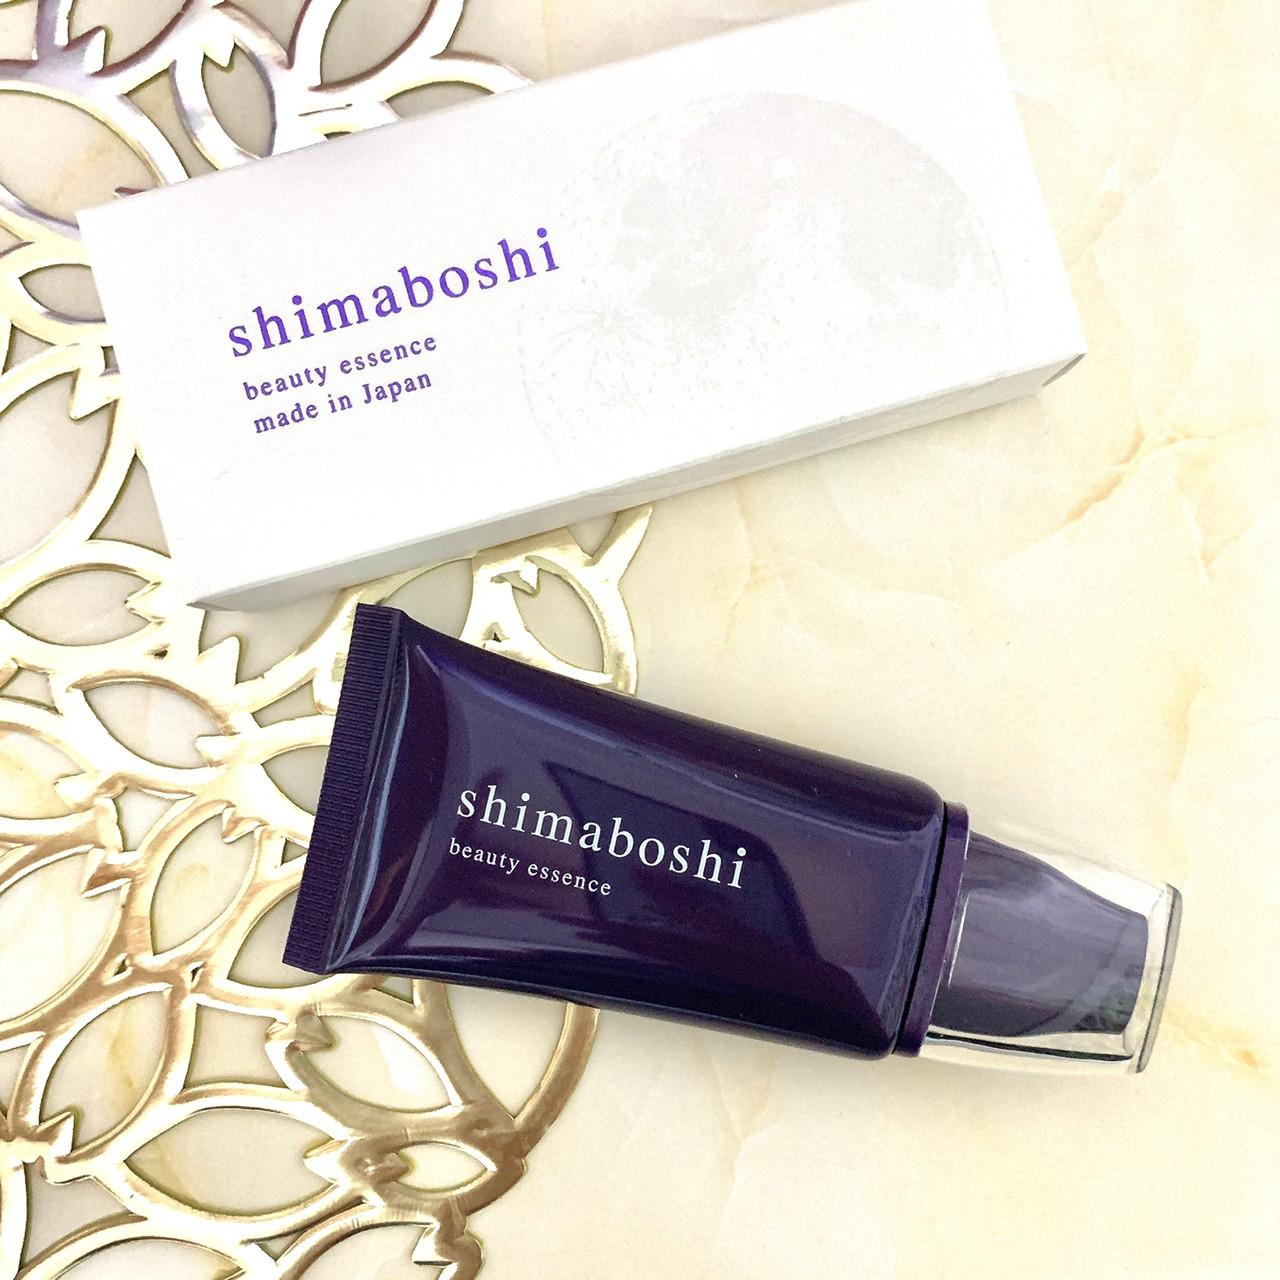 shimaboshi(シマボシ) Wエッセンス リミッテッドエディションの良い点・メリットに関するkana_cafe_timeさんの口コミ画像1